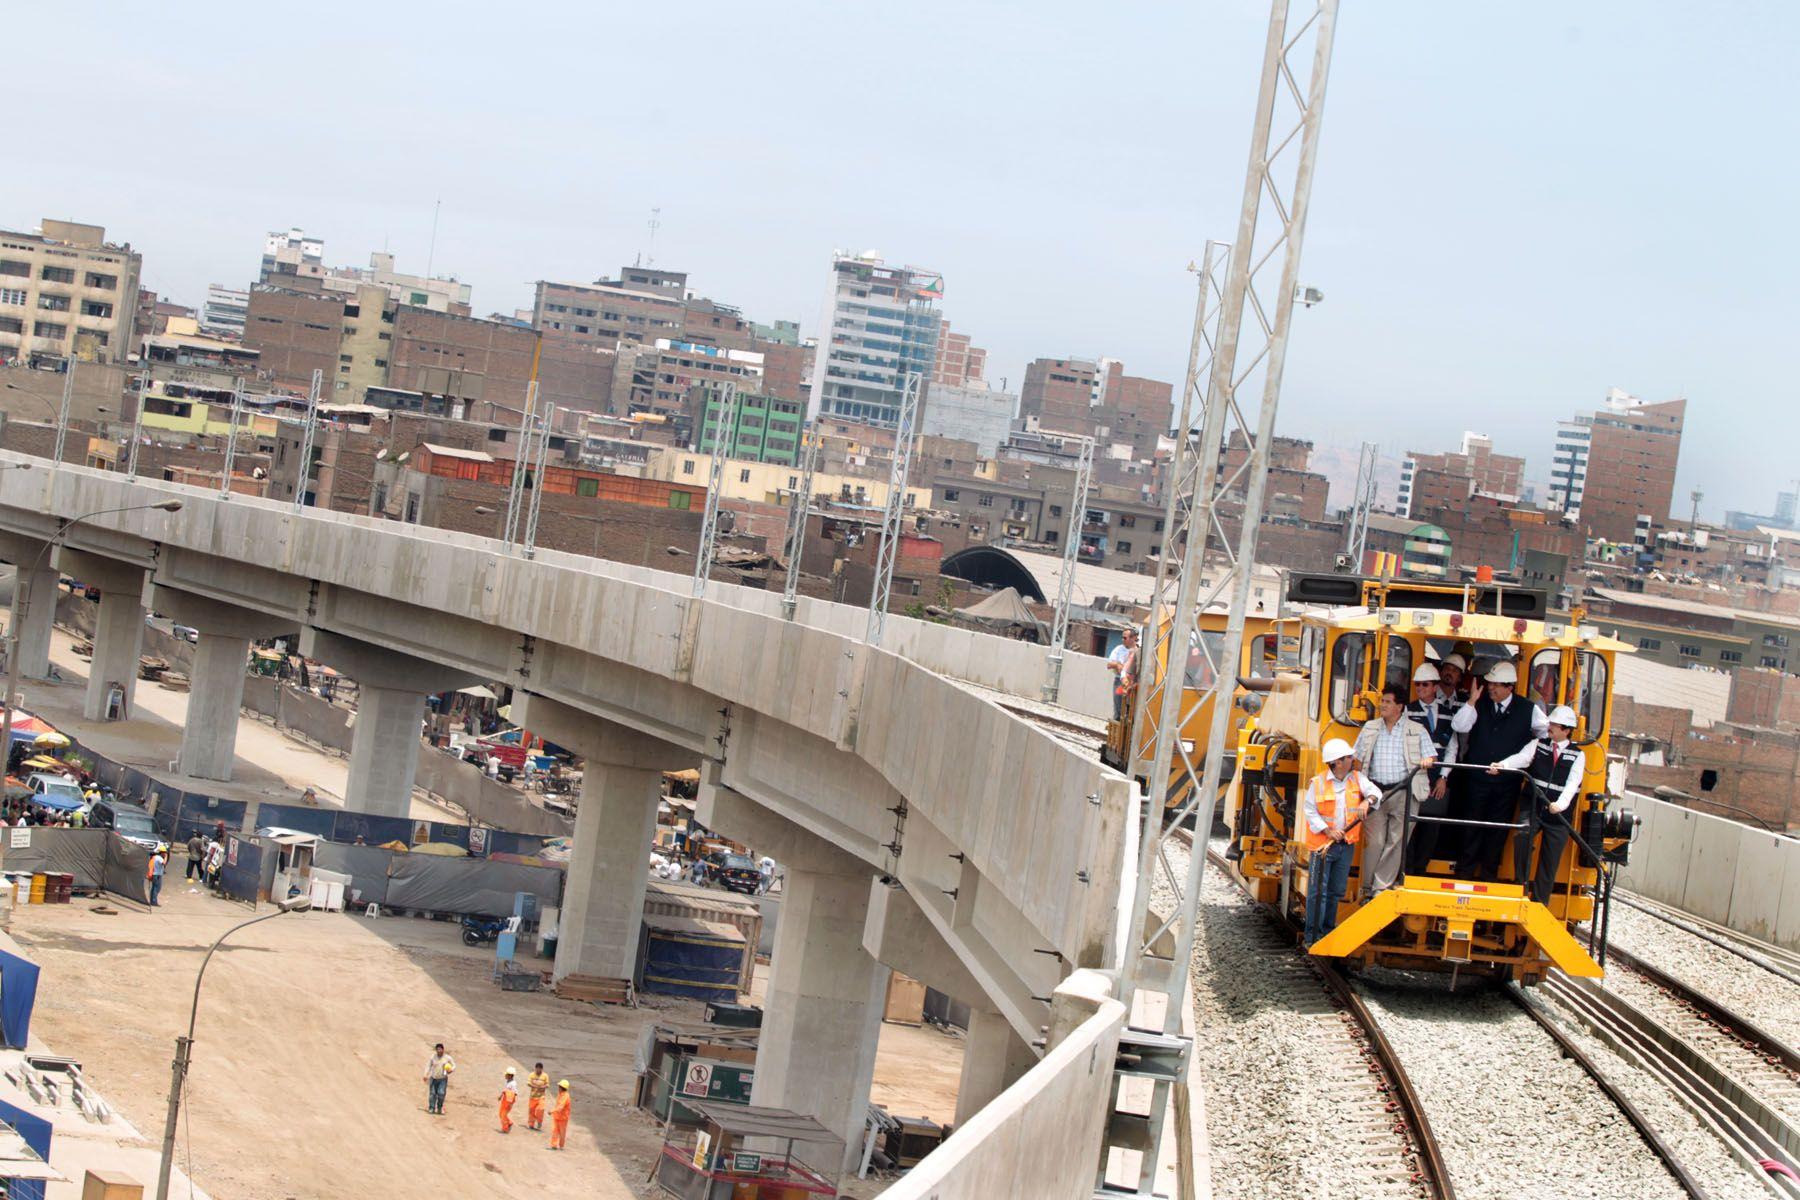 Línea 1 del Tren Eléctrico funcionará con 24 trenes en junio de 2013, informó la Autoridad Autónoma de este sistema de transporte masivo. Foto: ANDINA/Archivo